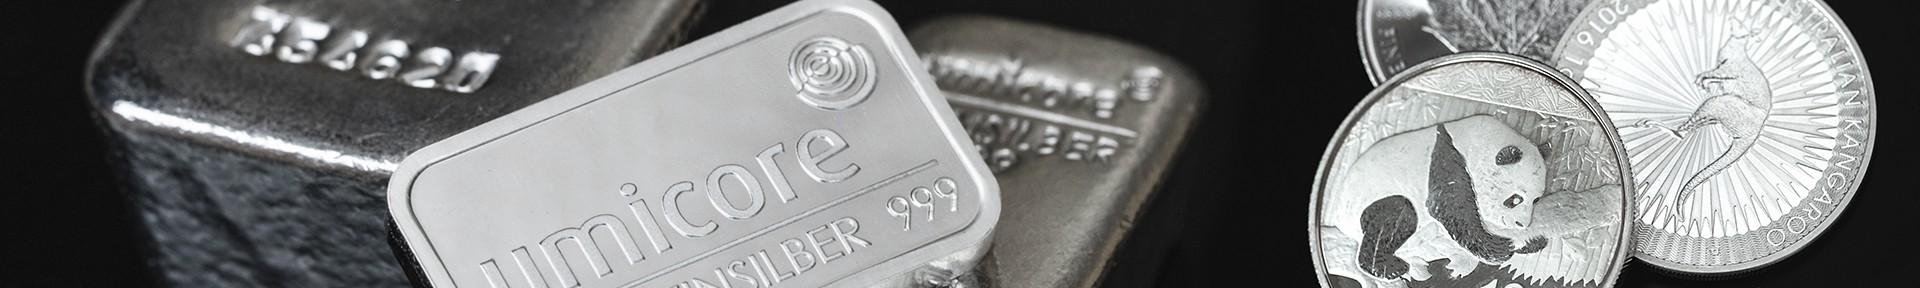 Koop uw zilverbaren bij Goudwisselkantoor